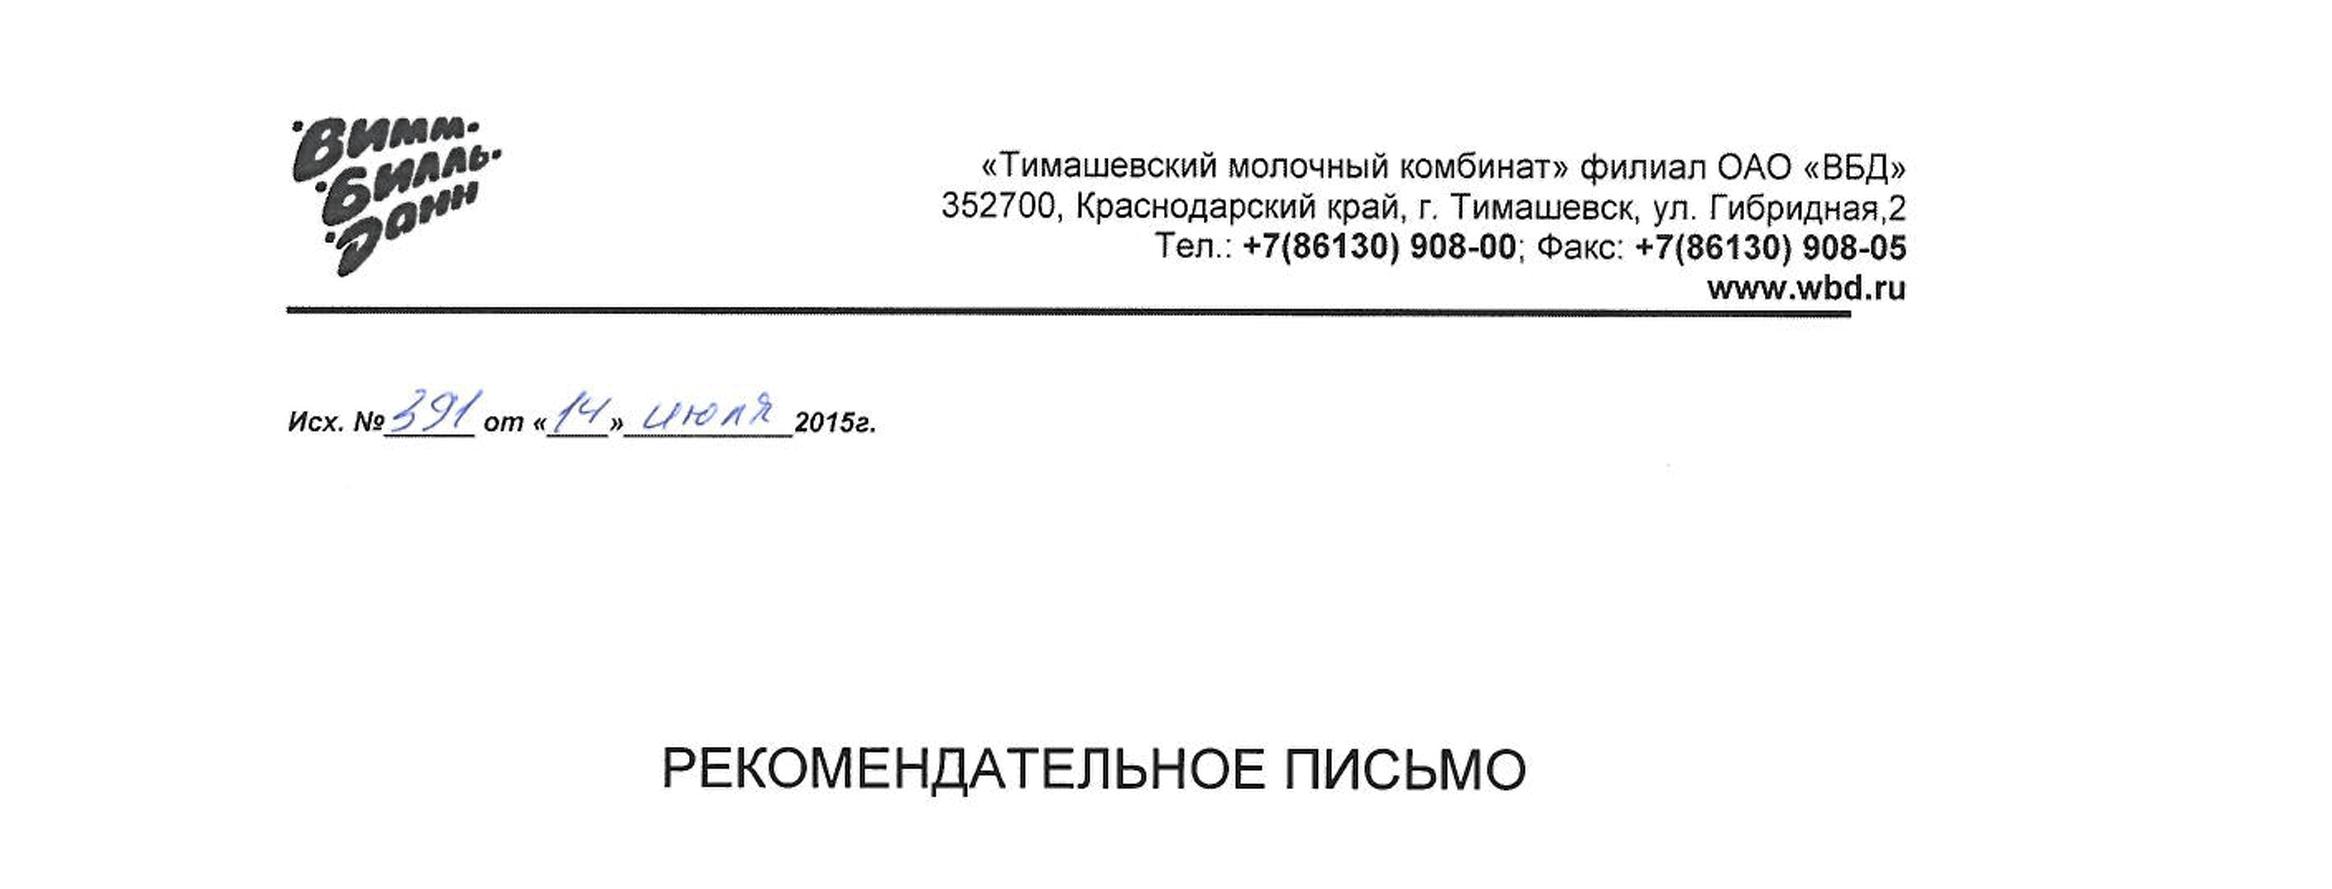 Рекомендательное письмо по применению конденсатоотводчиков AYVAZ.